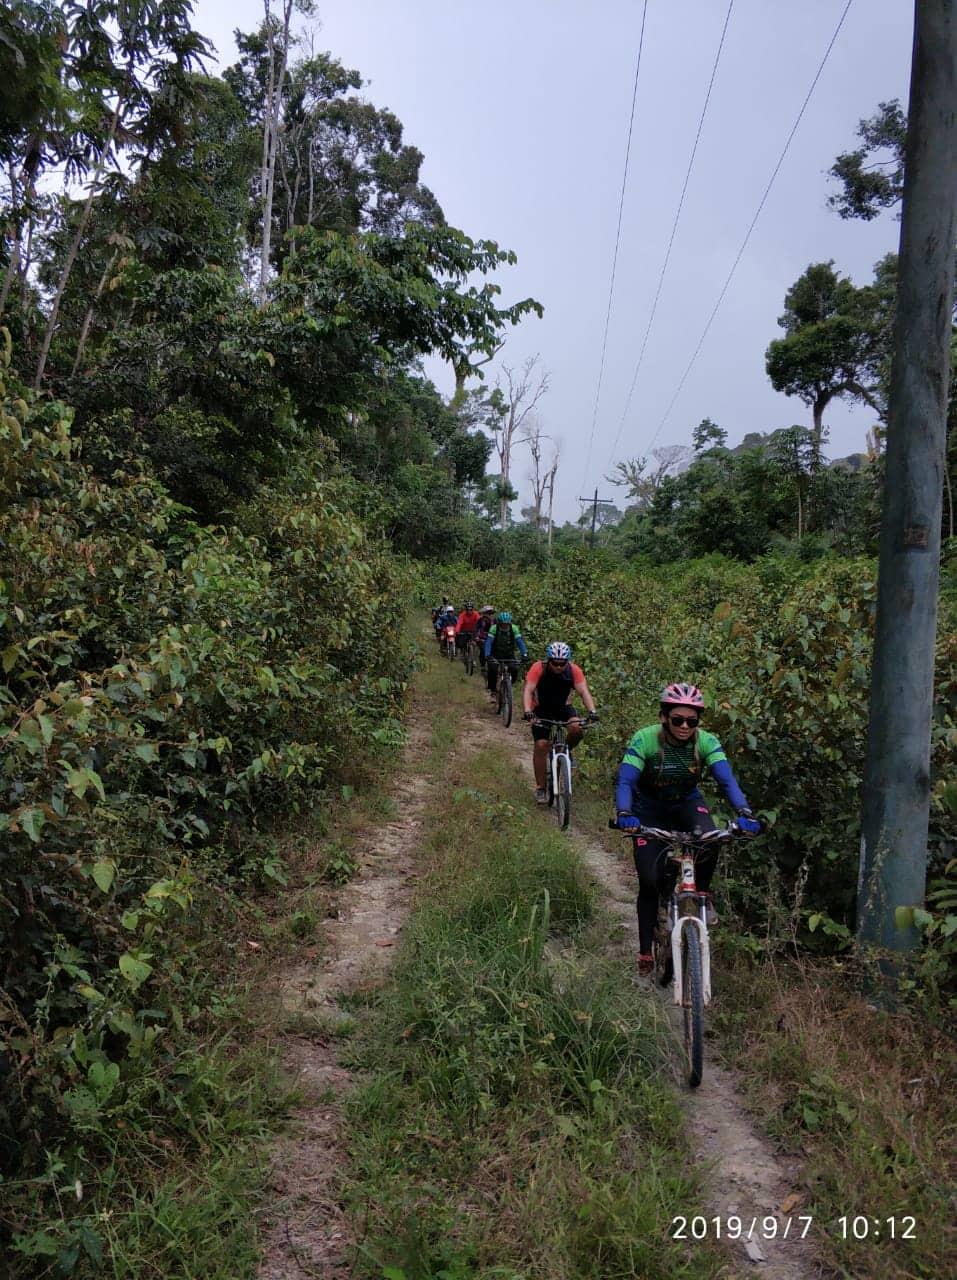 Aventureiros realizam trilha rural de bike da Vila Amazônia ao Santo Antônio do Tracajá 5